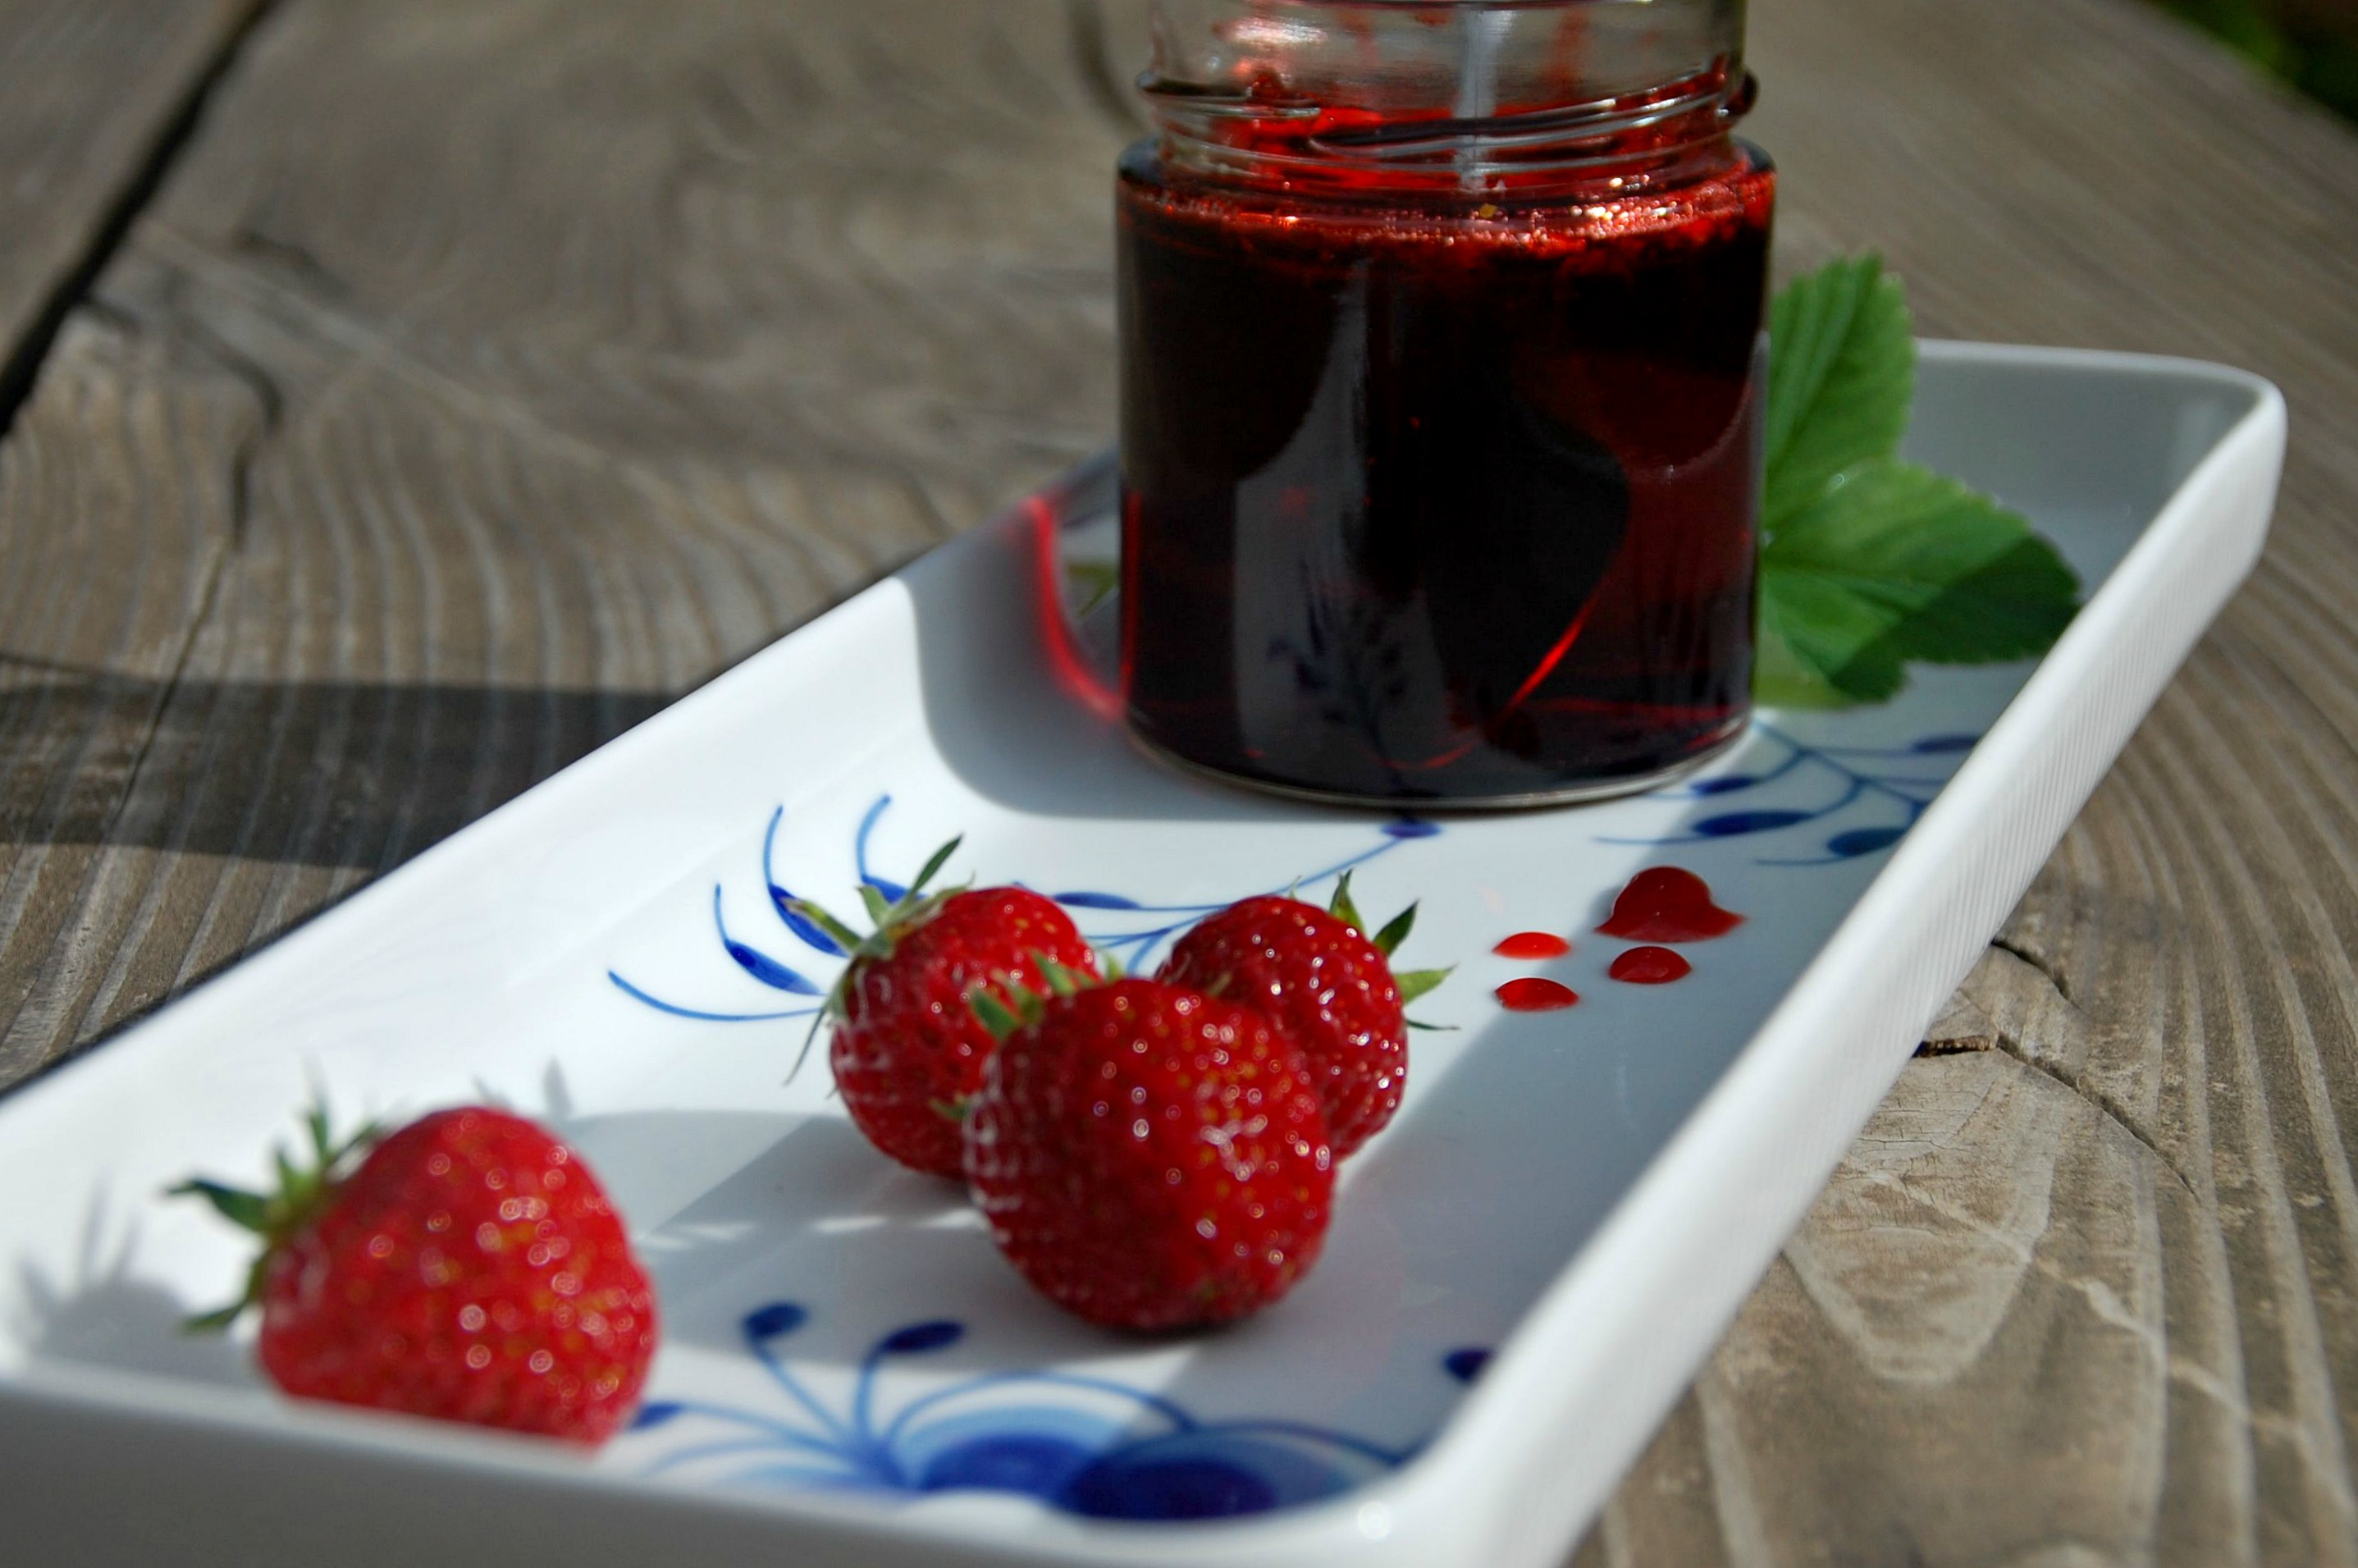 Hjemmelavet jordbærsirup